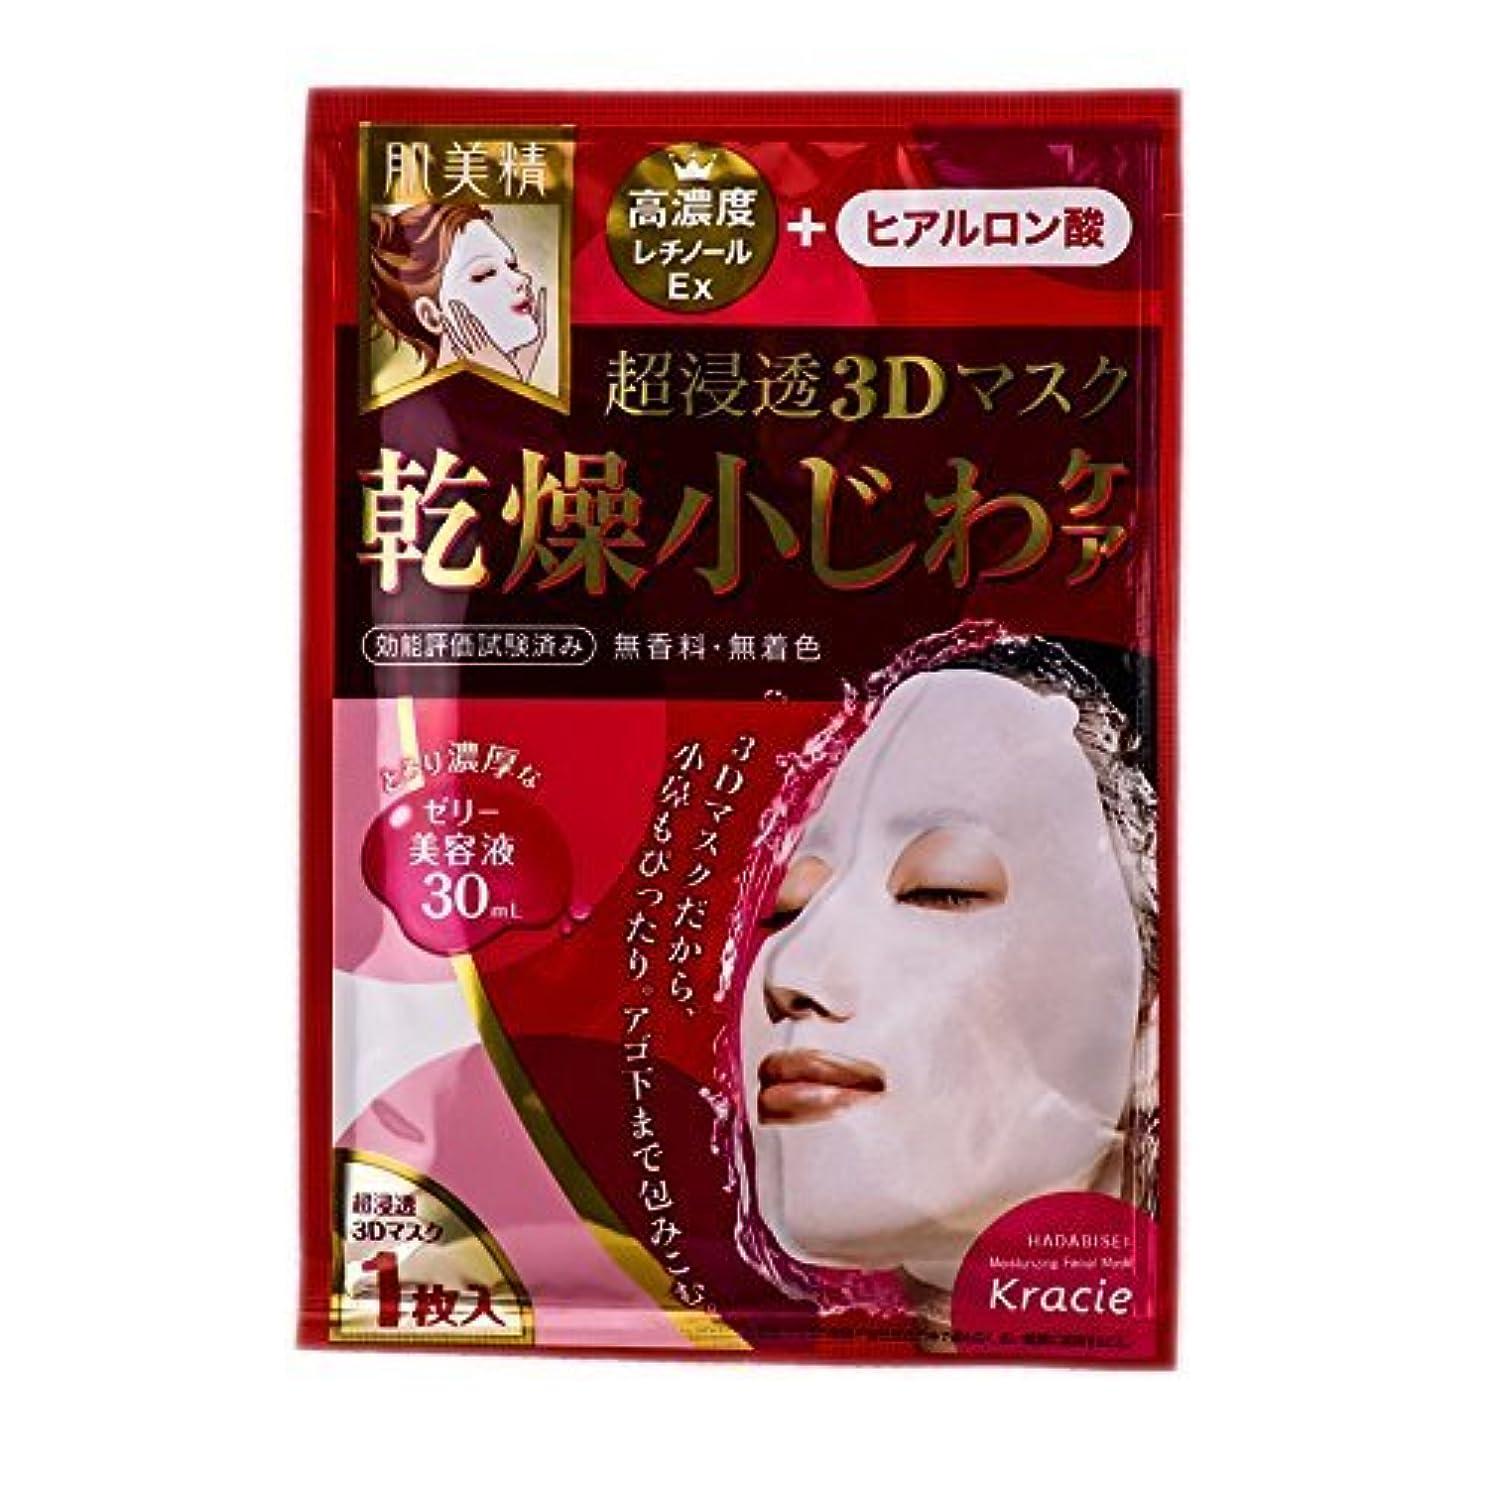 小数服瞳Kracie Hadabisei 3Dモイスチャライジング?フェイシャルMask- 1パック